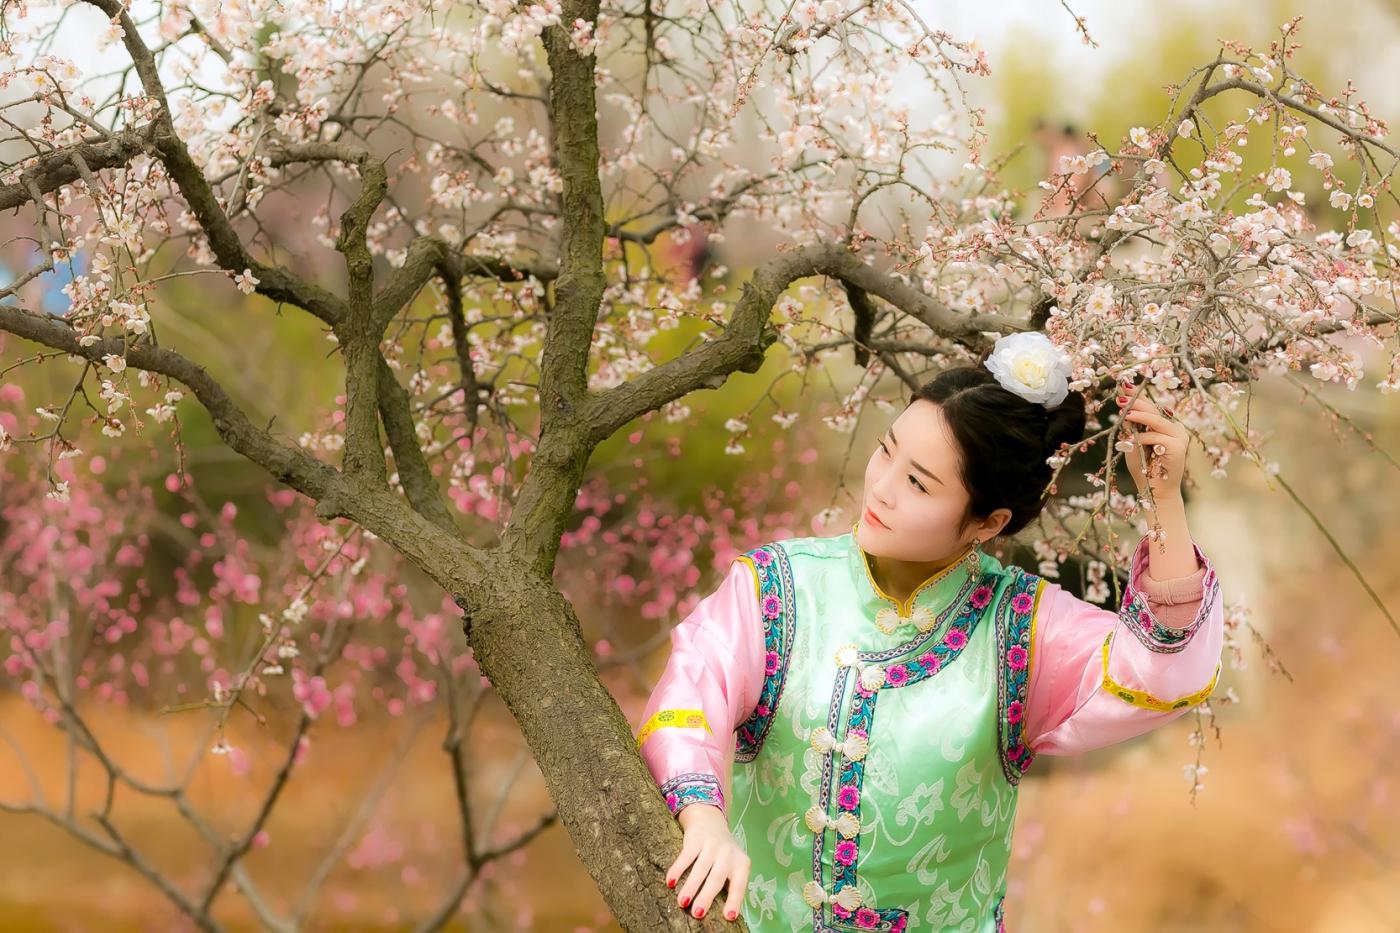 沂水雪山梅园走来一群赏梅踏春的沂蒙女孩 摄影人和女孩们成为梅园一道亮丽的风景线 ..._图1-6